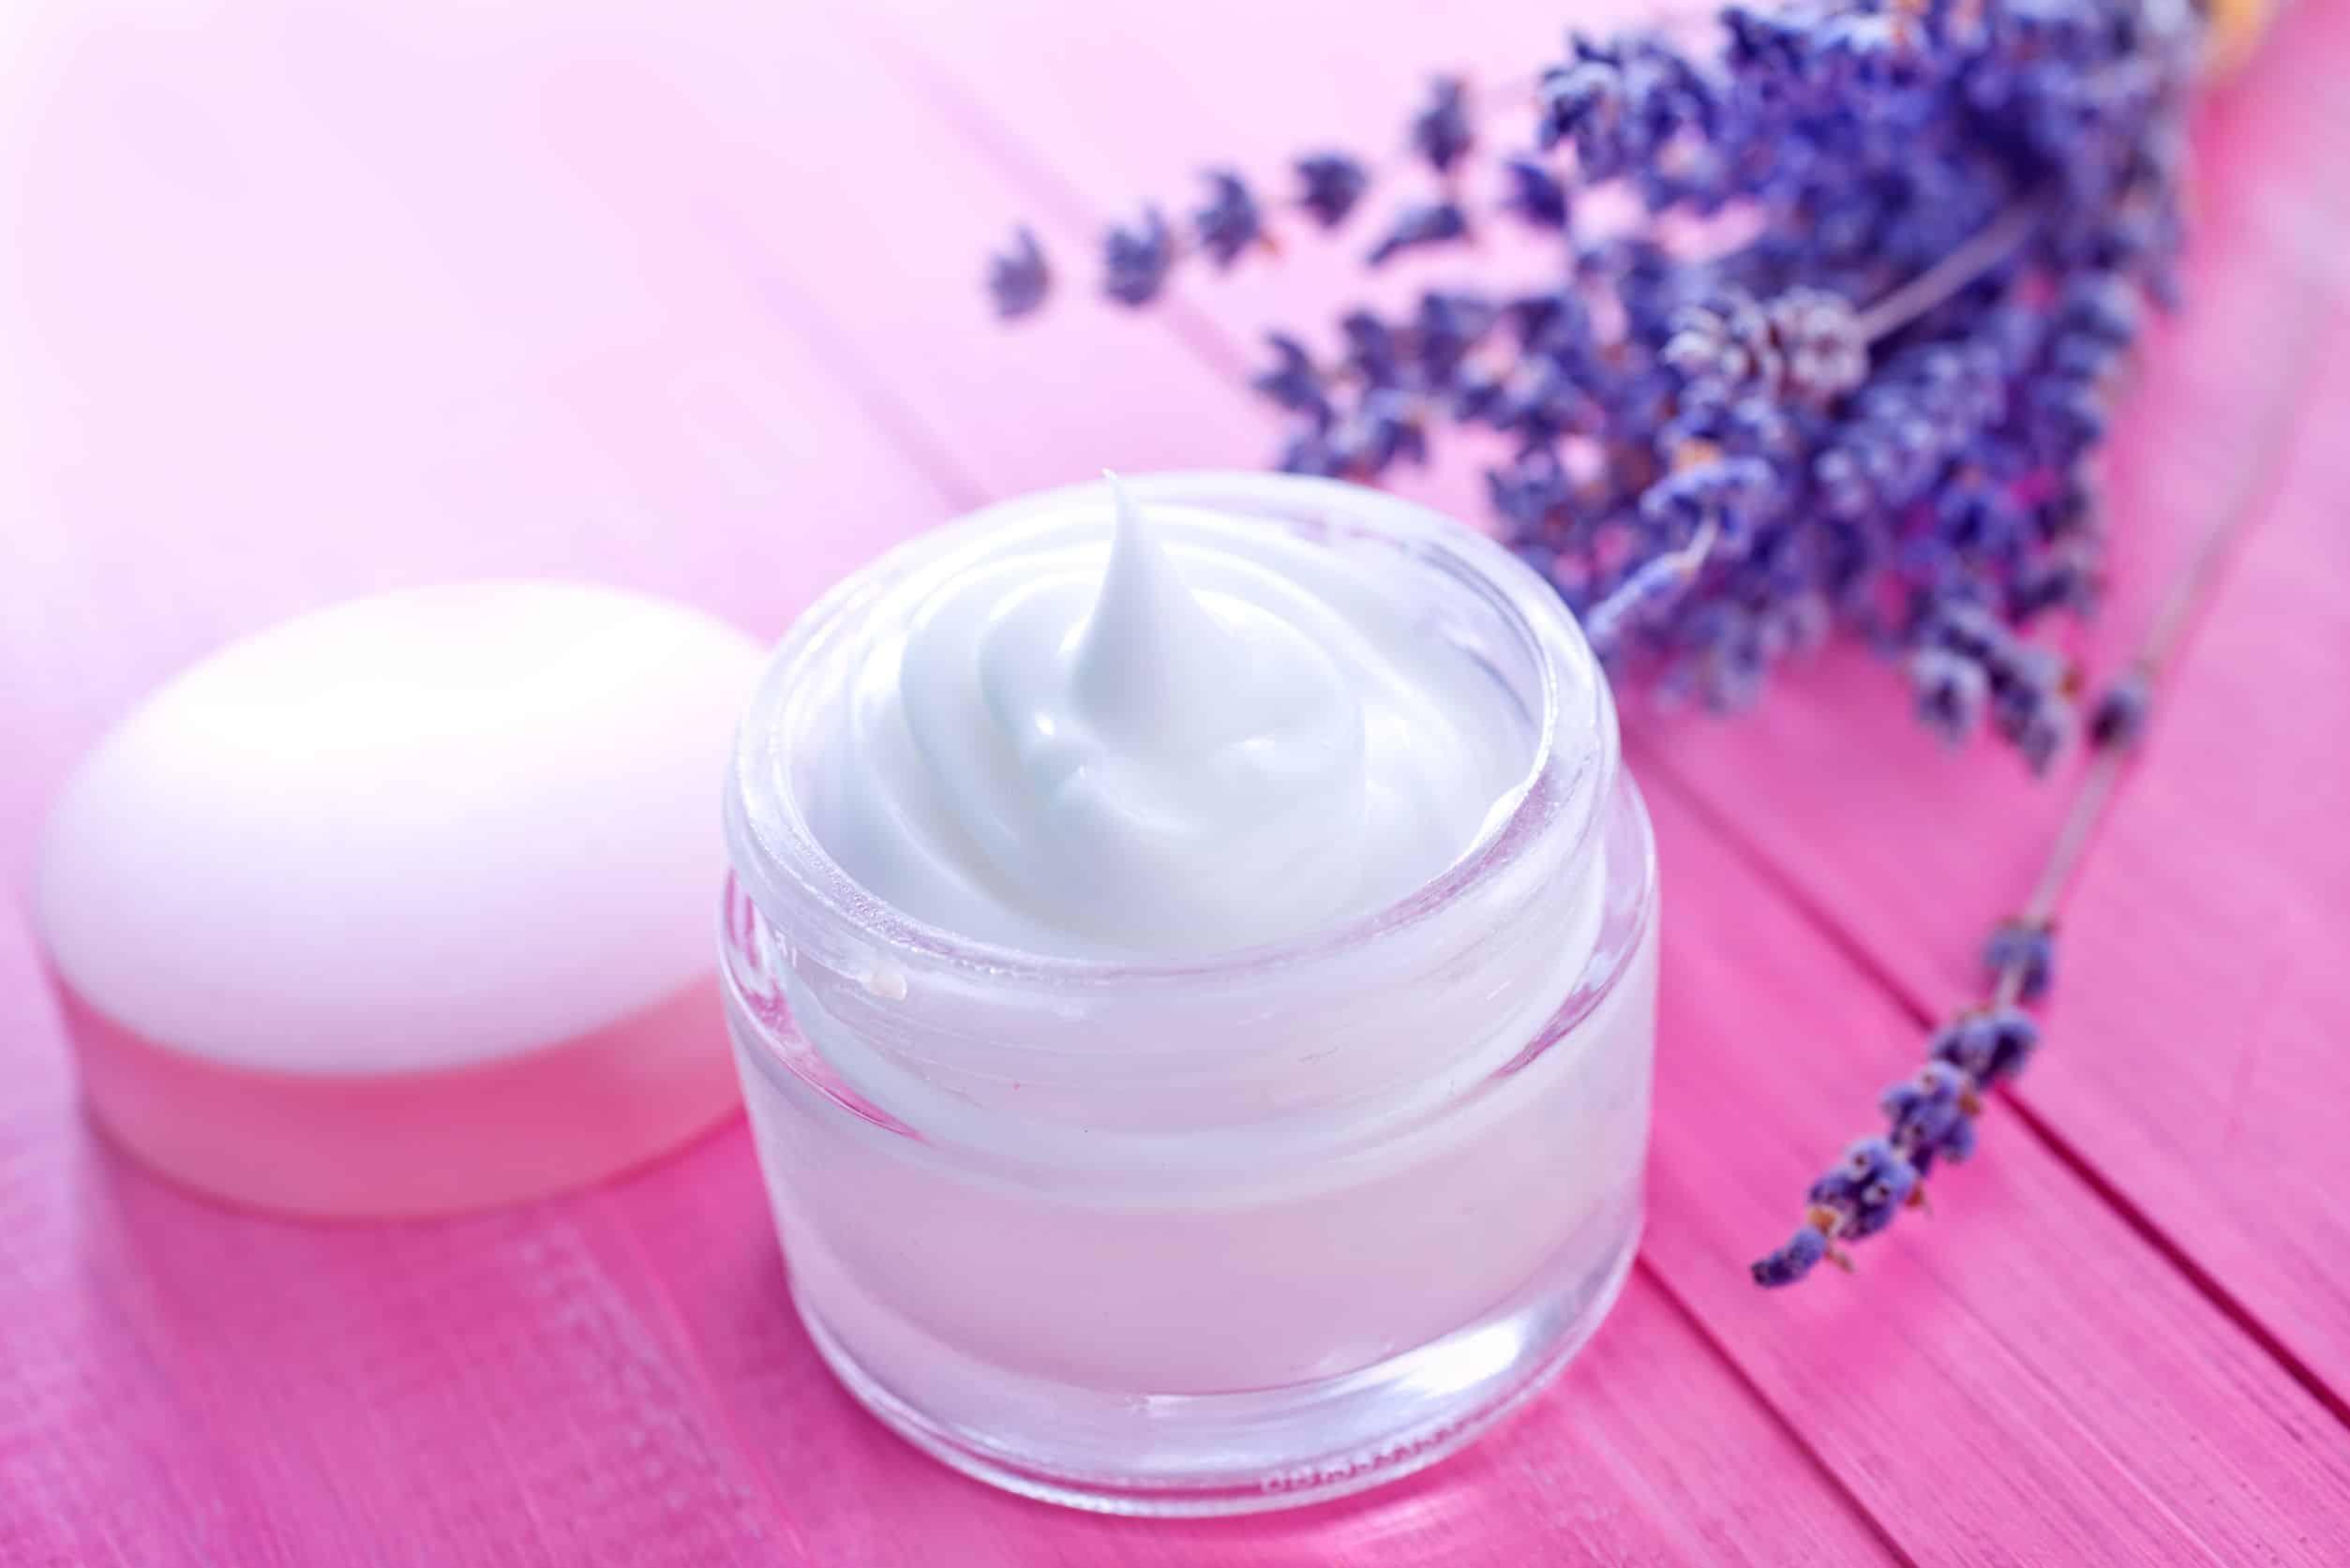 Anti-rimpel crème: Wat zijn de beste anti-rimpel crèmes van 2021?